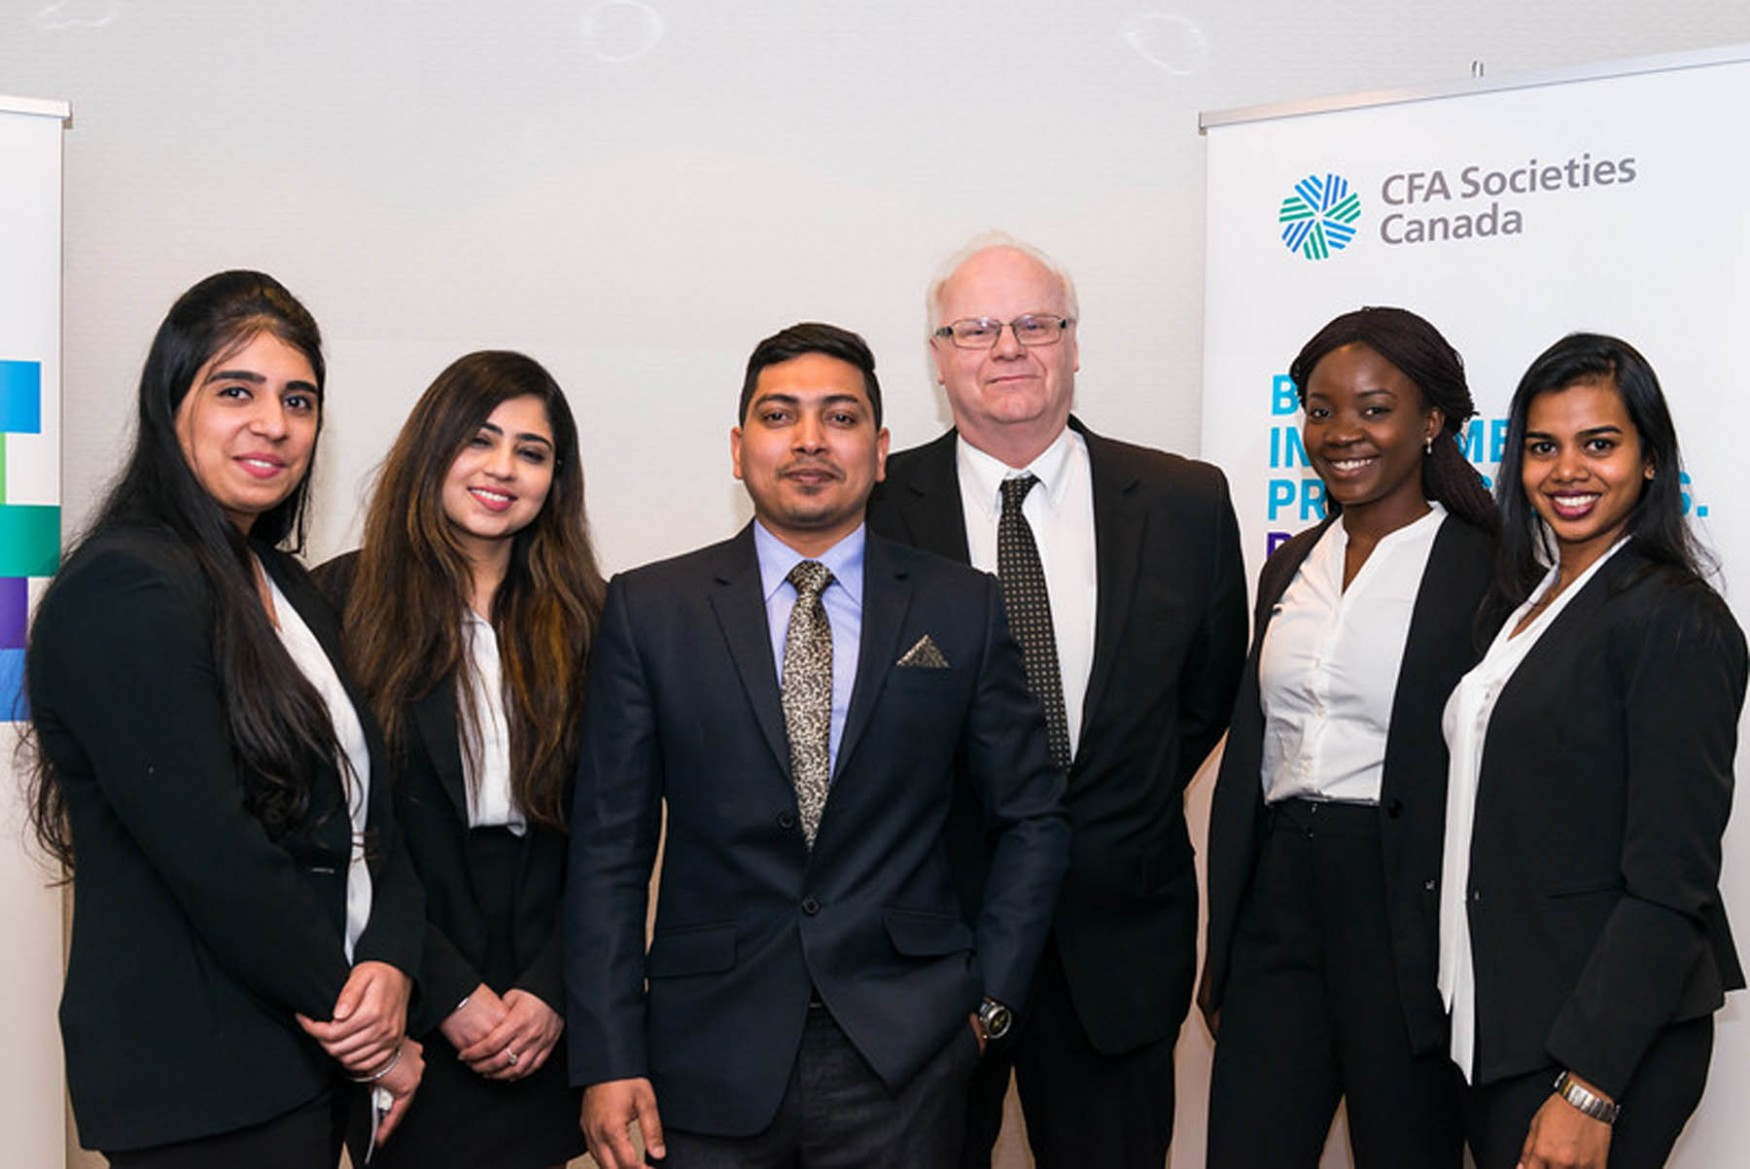 CFA business group photo resized